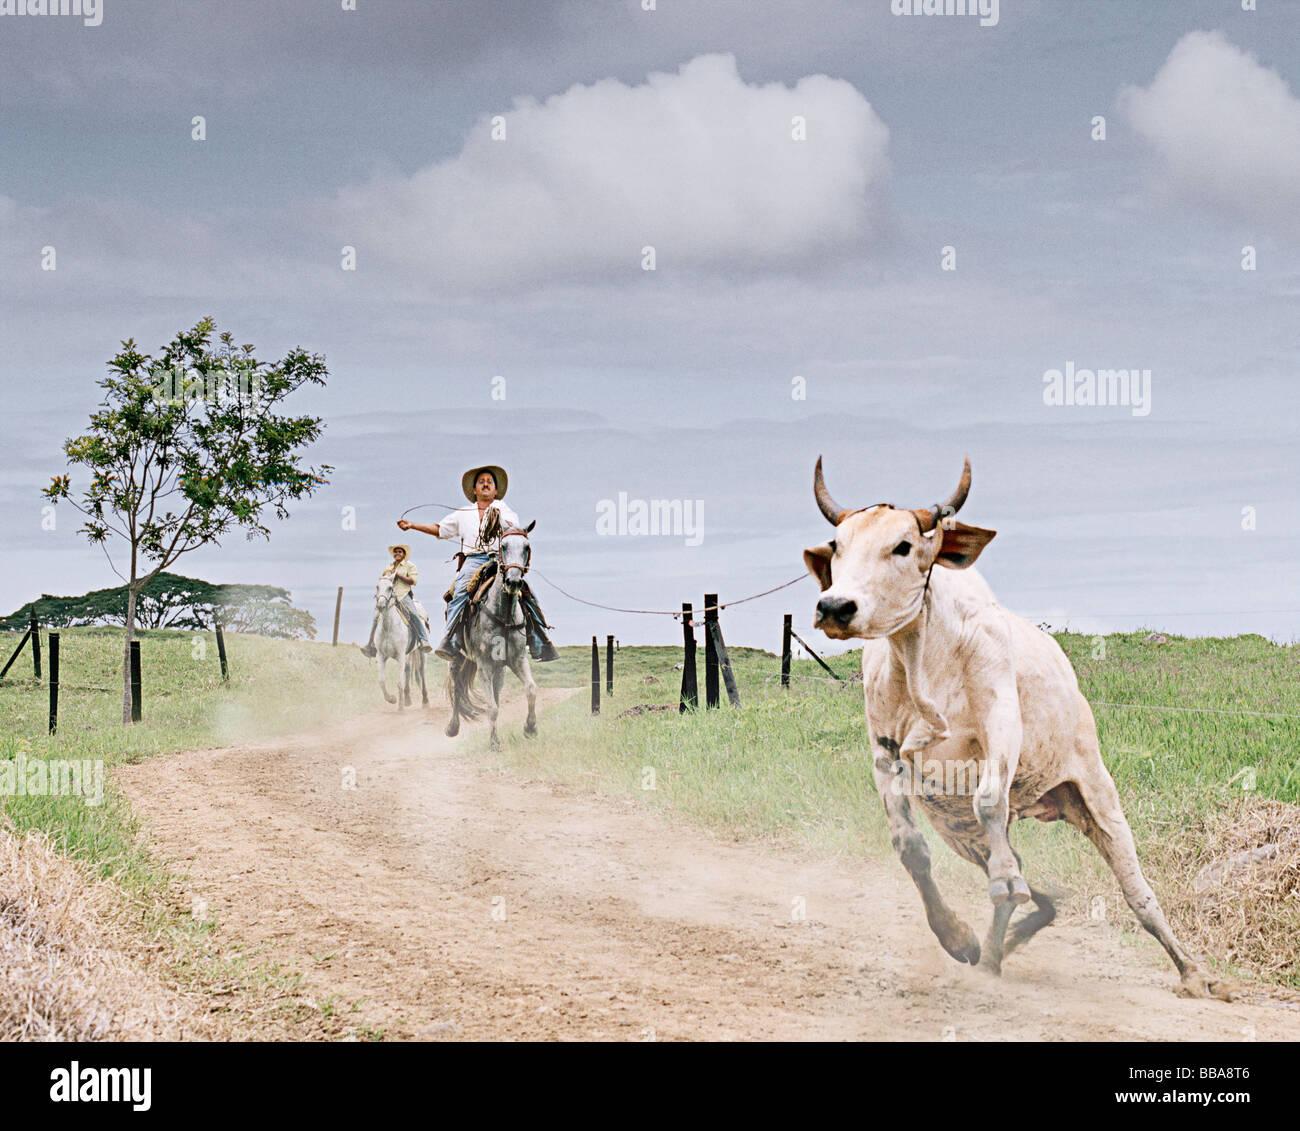 Escapó de Bull se consiguieron en Colombia, Sur America Imagen De Stock